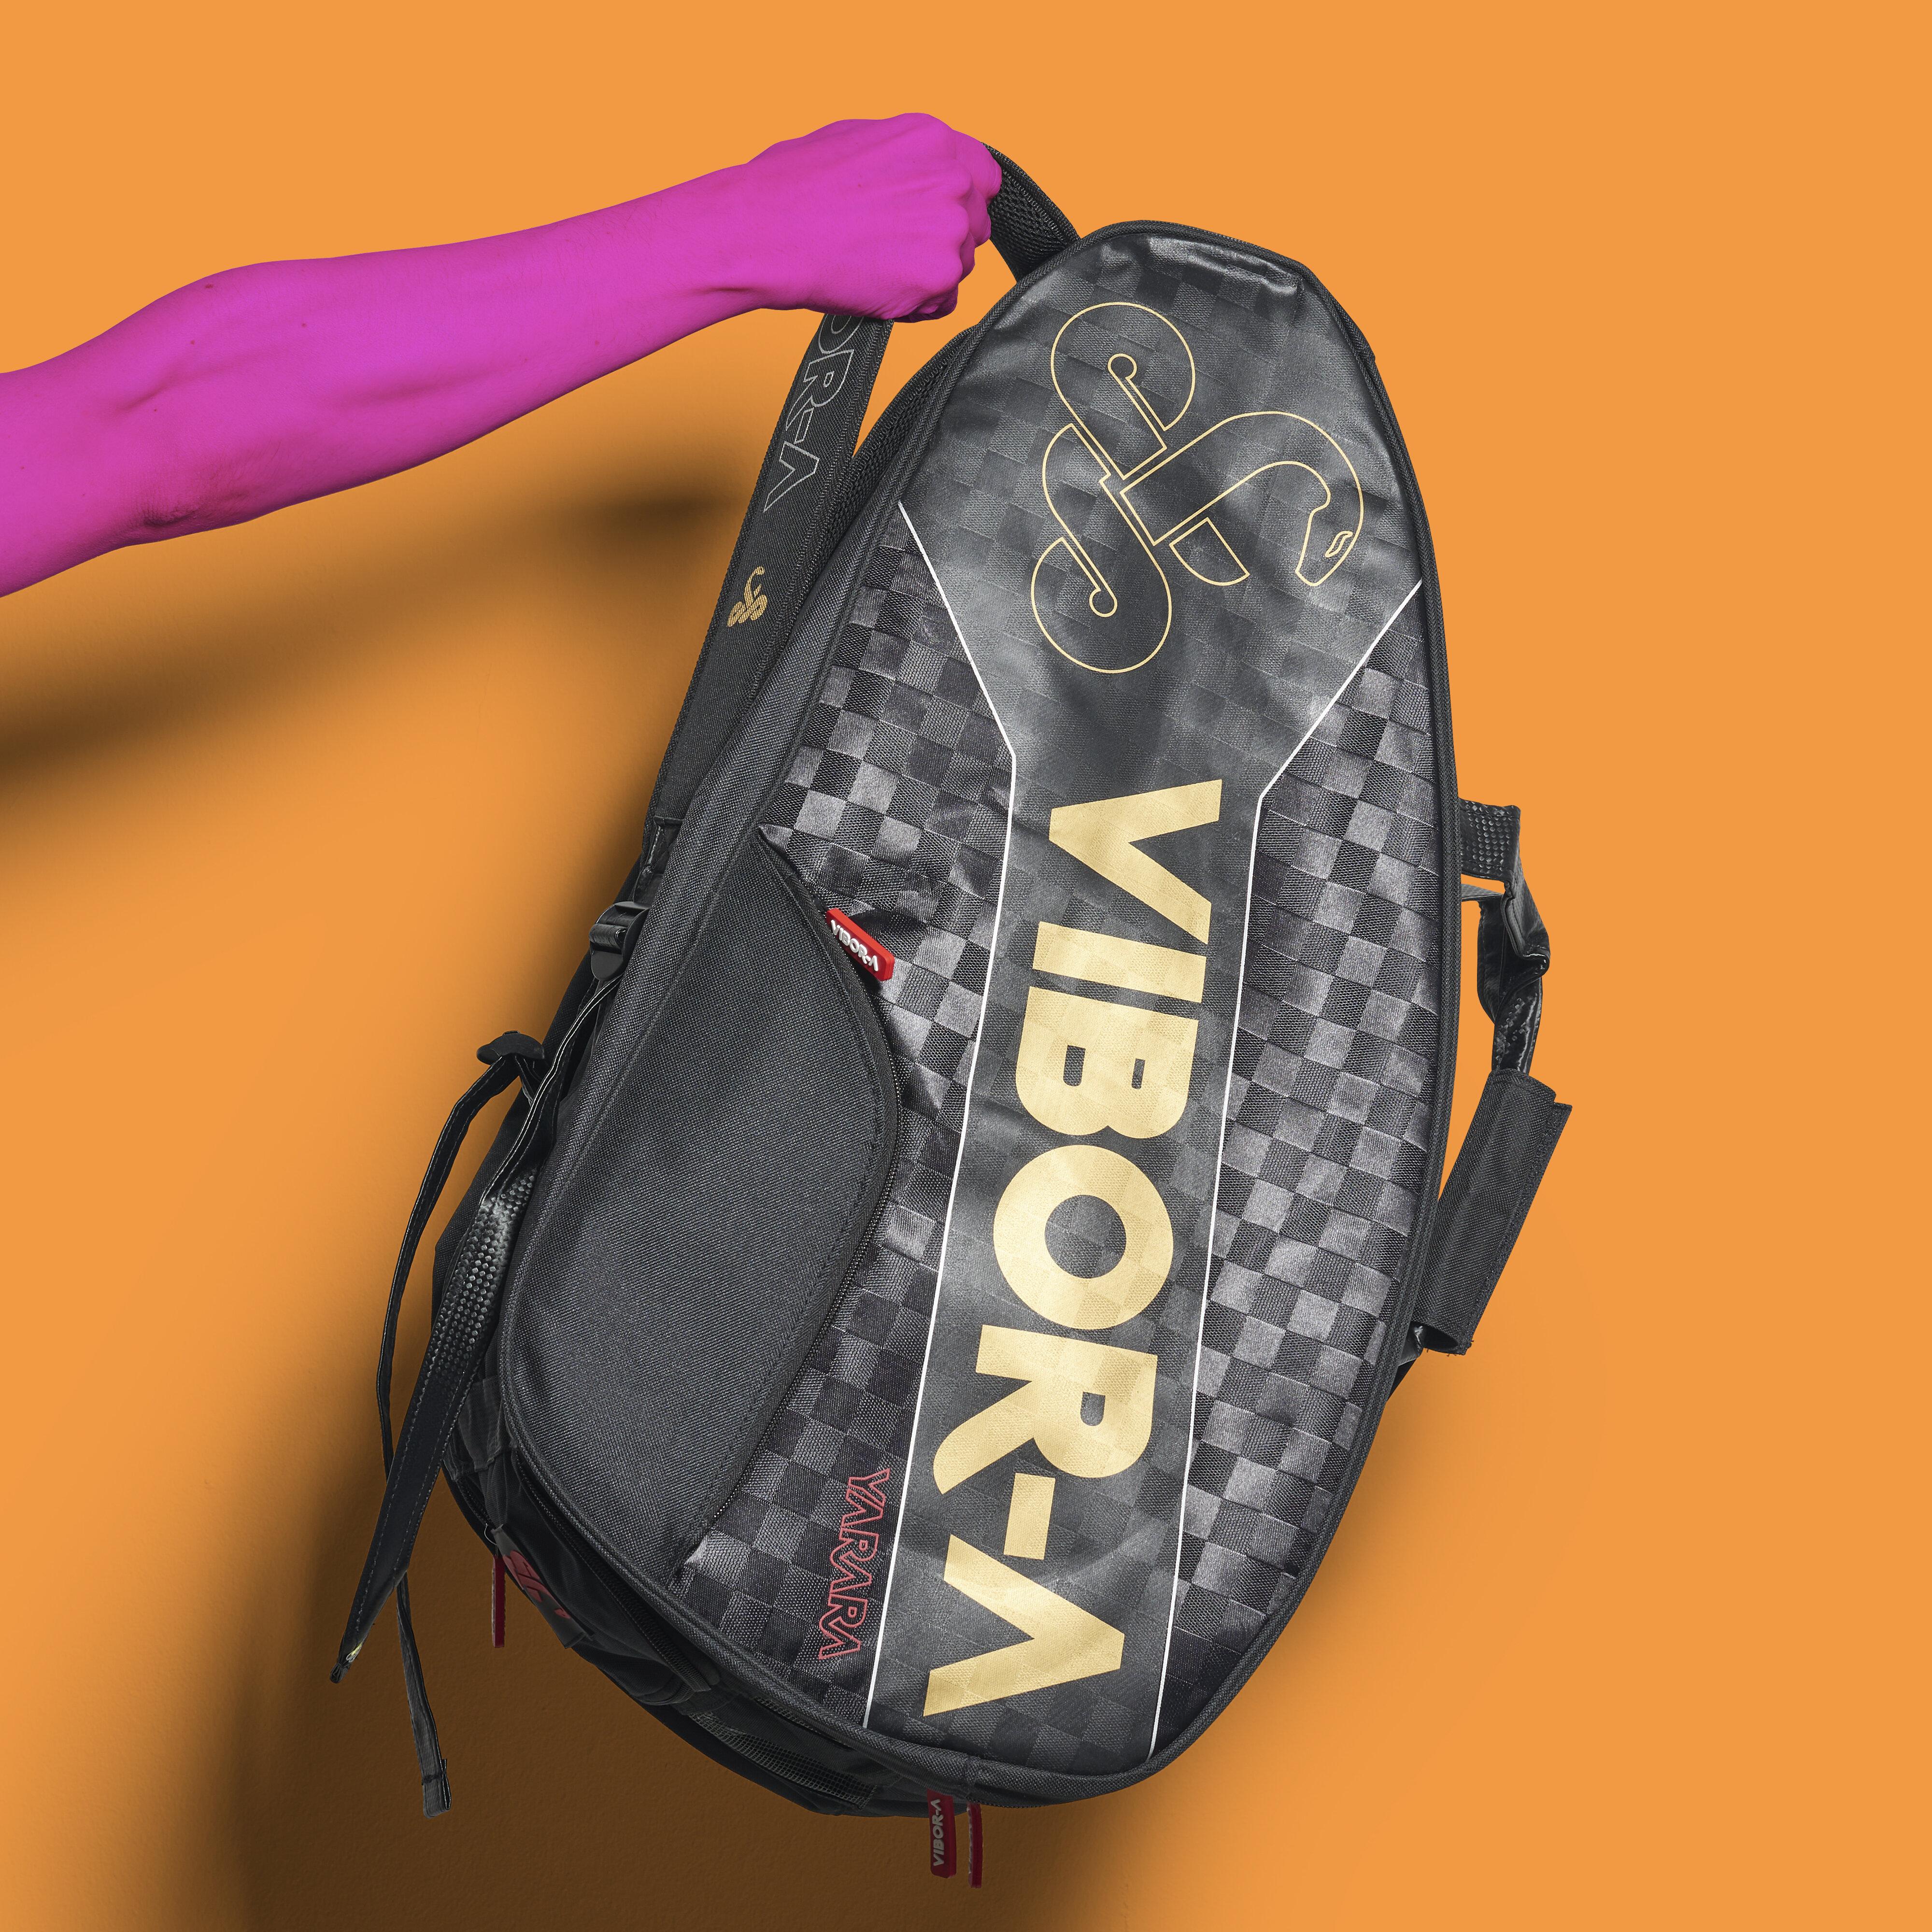 Vibor-a Racketbag Tour Yarara Large